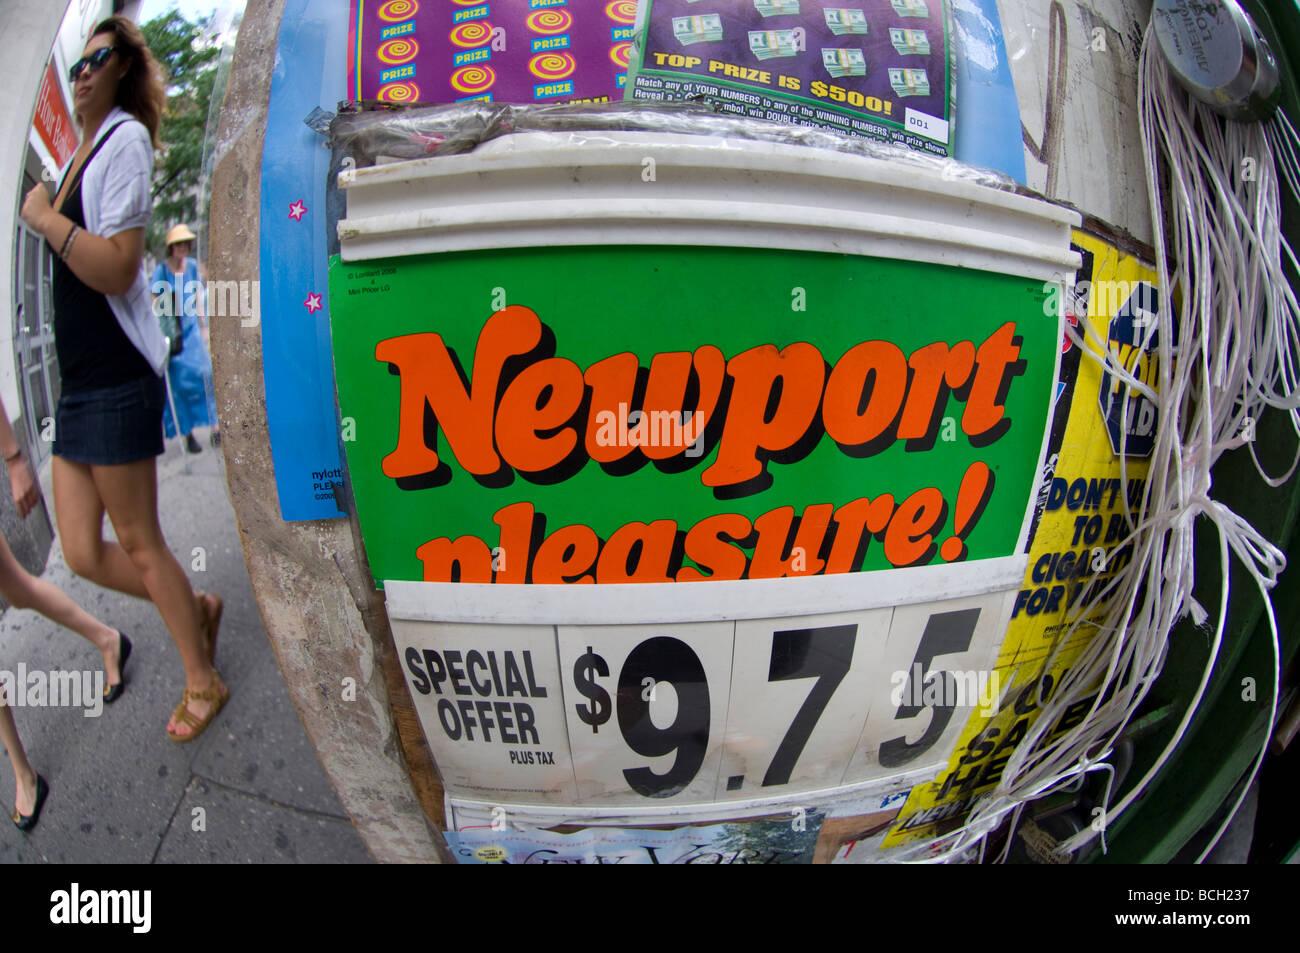 Newport Menthol Cigarettes Stock Photos & Newport Menthol Cigarettes